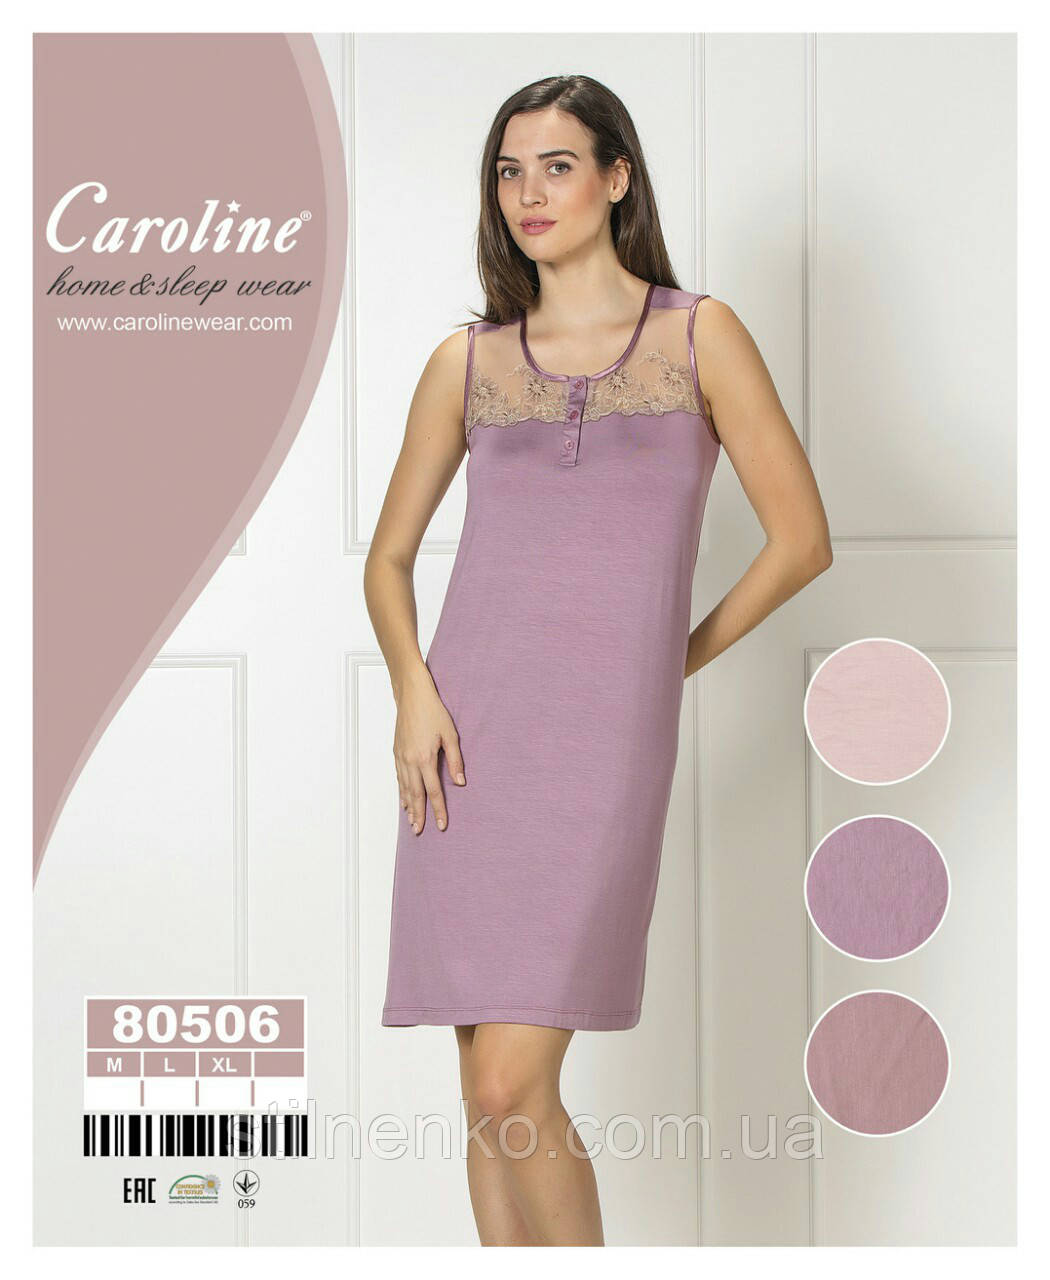 """Женская ночная рубашка """"Caroline"""", с кружевом"""